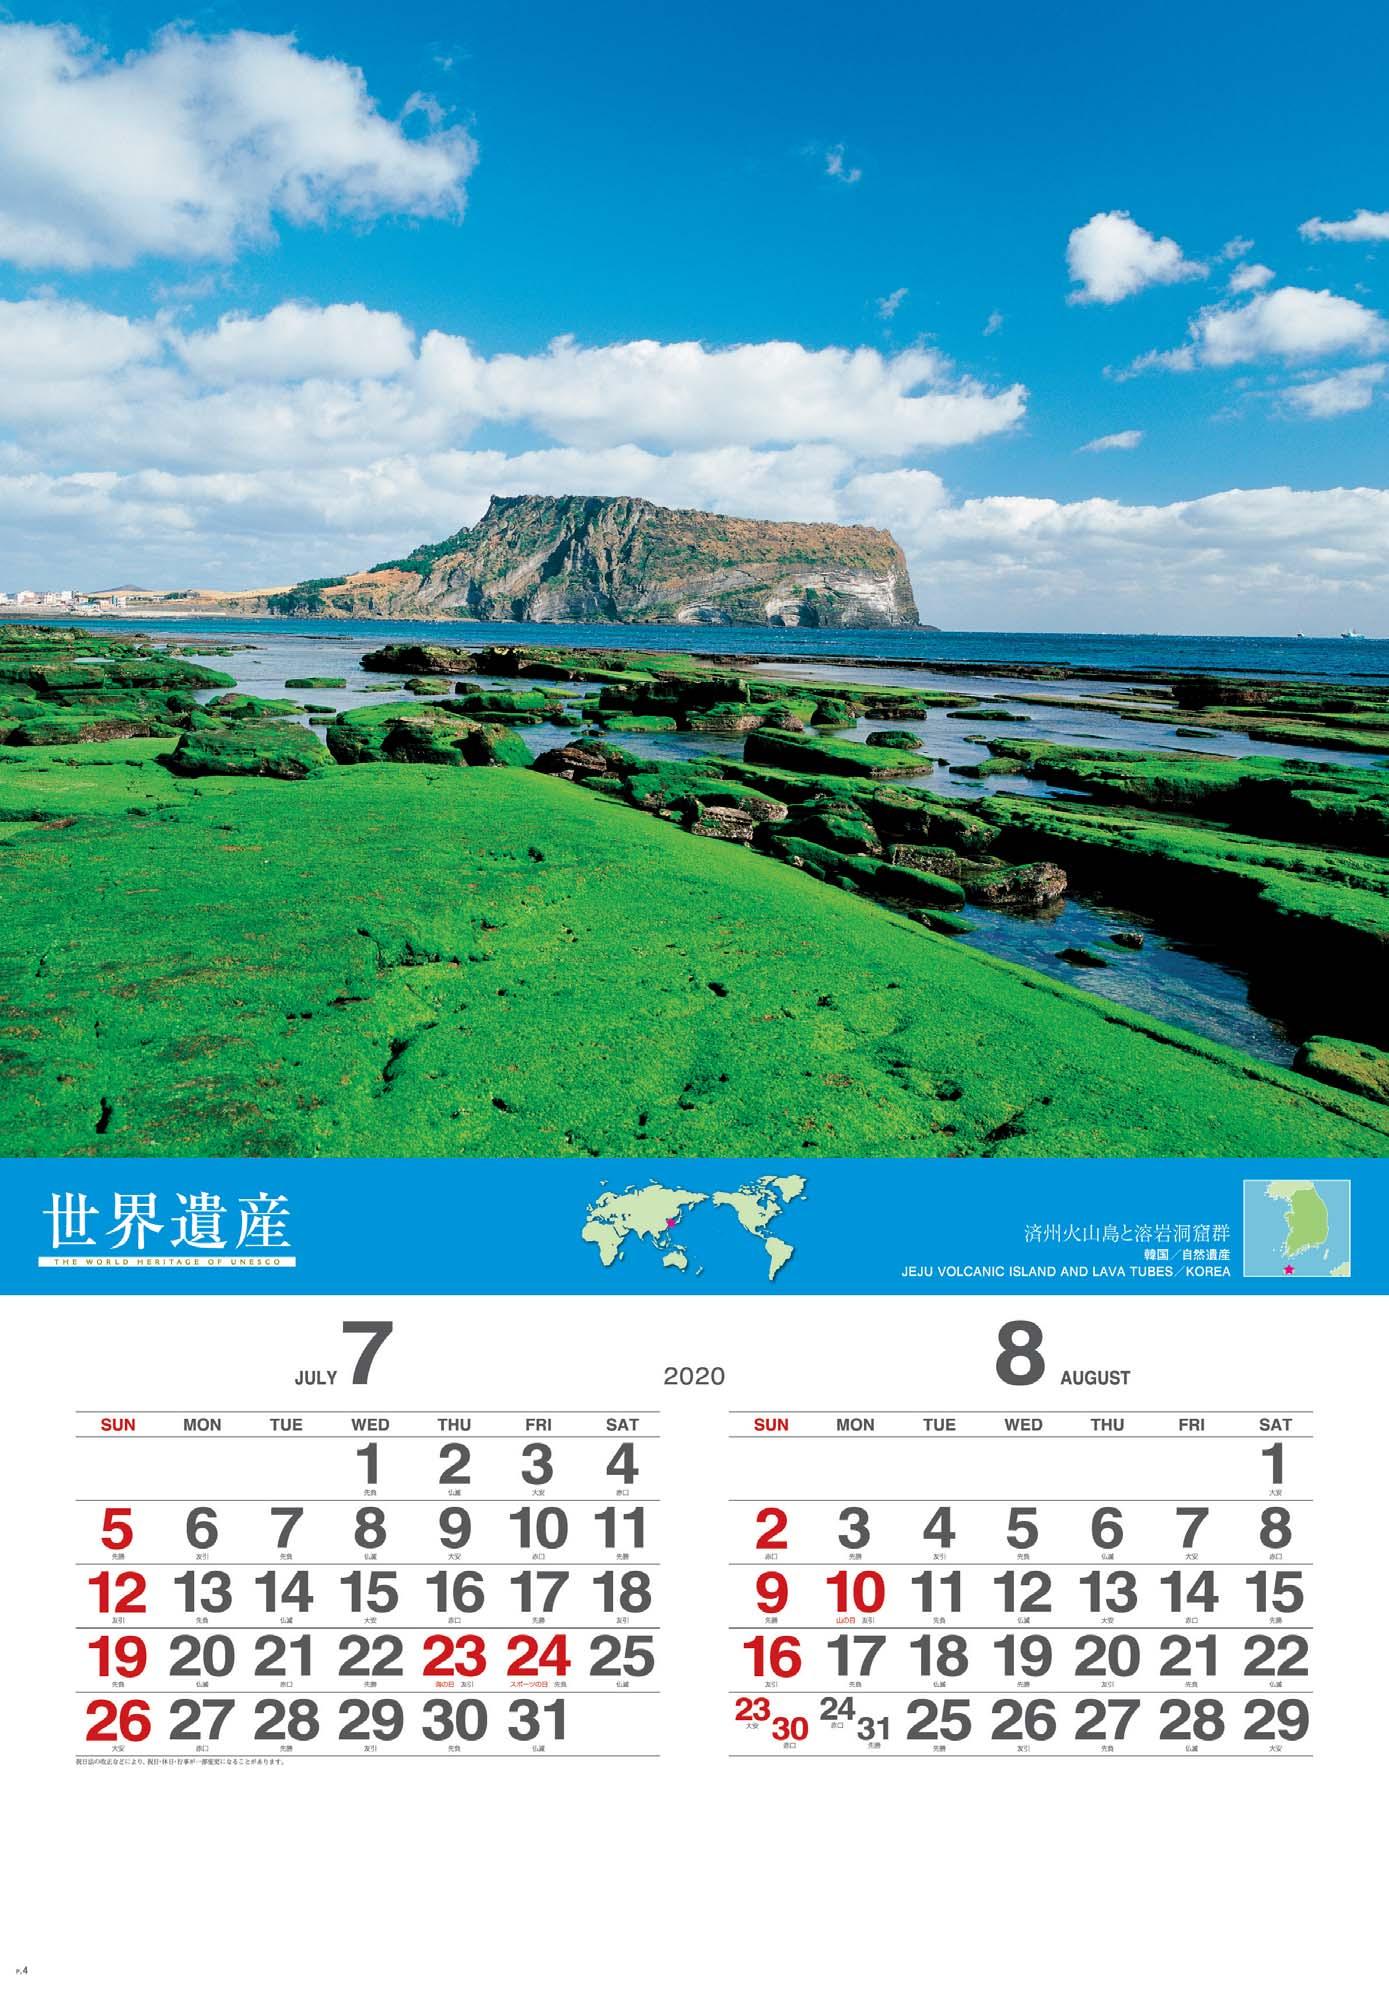 画像:済州火山島と溶岩洞窟群(韓国) ユネスコ世界遺産(フィルムカレンダー) 2020年カレンダー